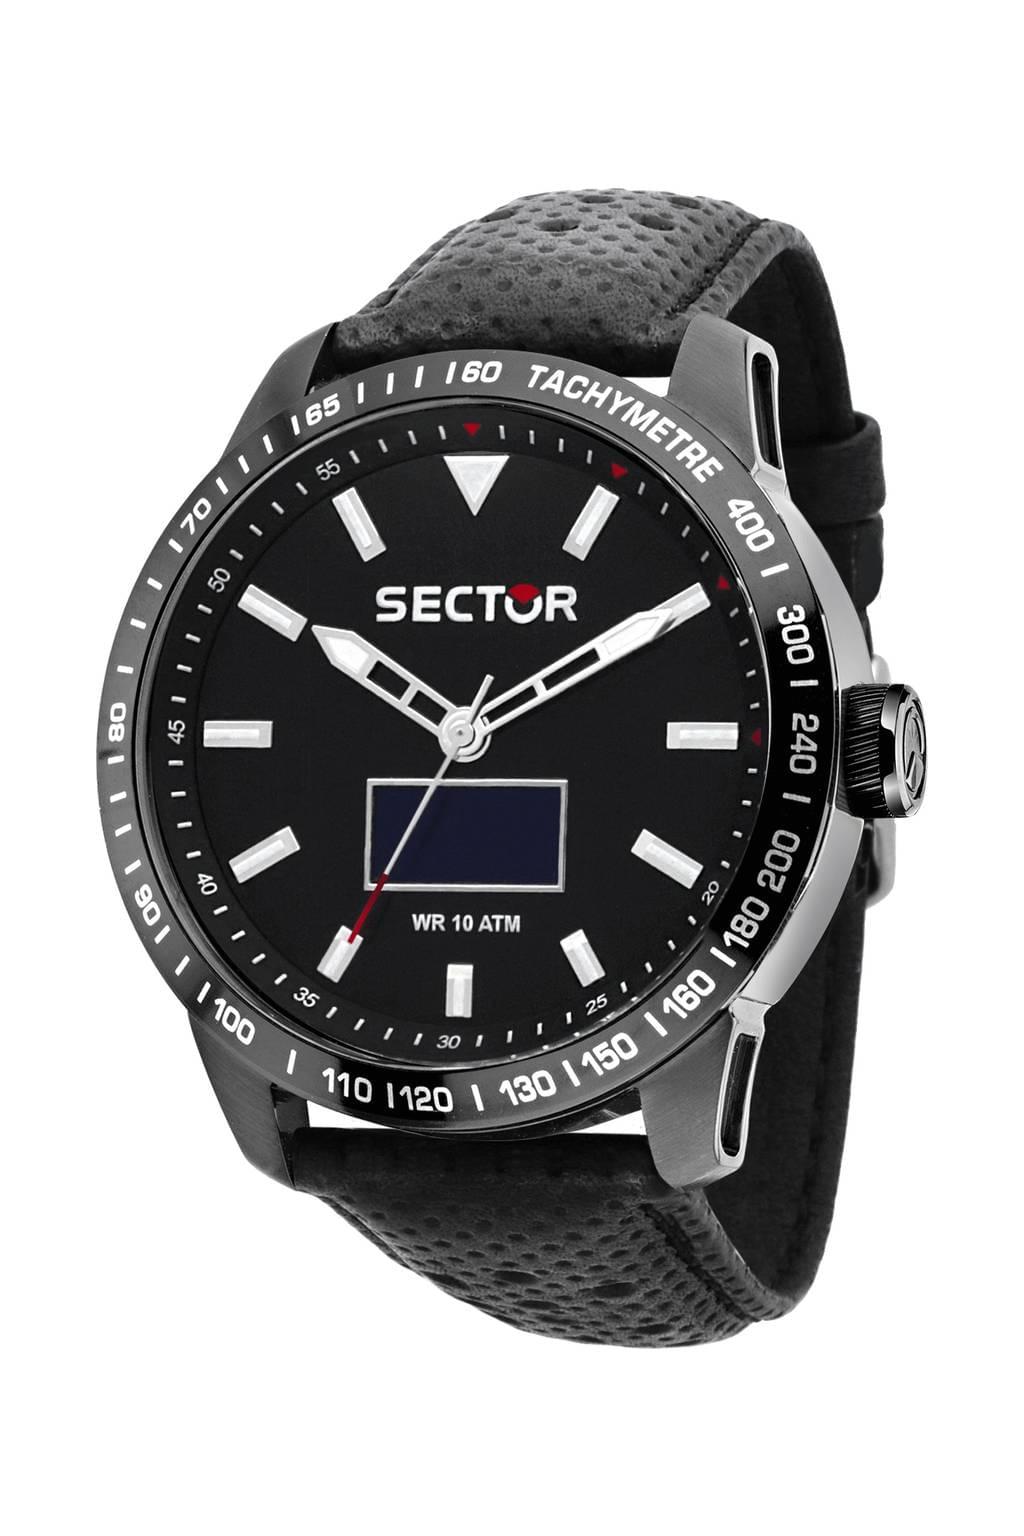 850 smartwatch — R3251575010